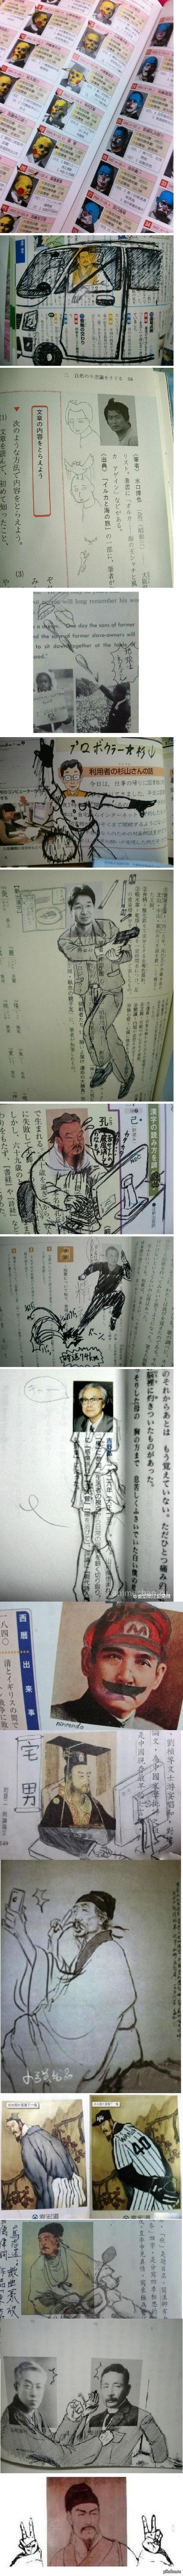 Японцы так же как и большинство из нас рисовали в учебниках.) Половину нашёл в инете, половину добавил сам.)